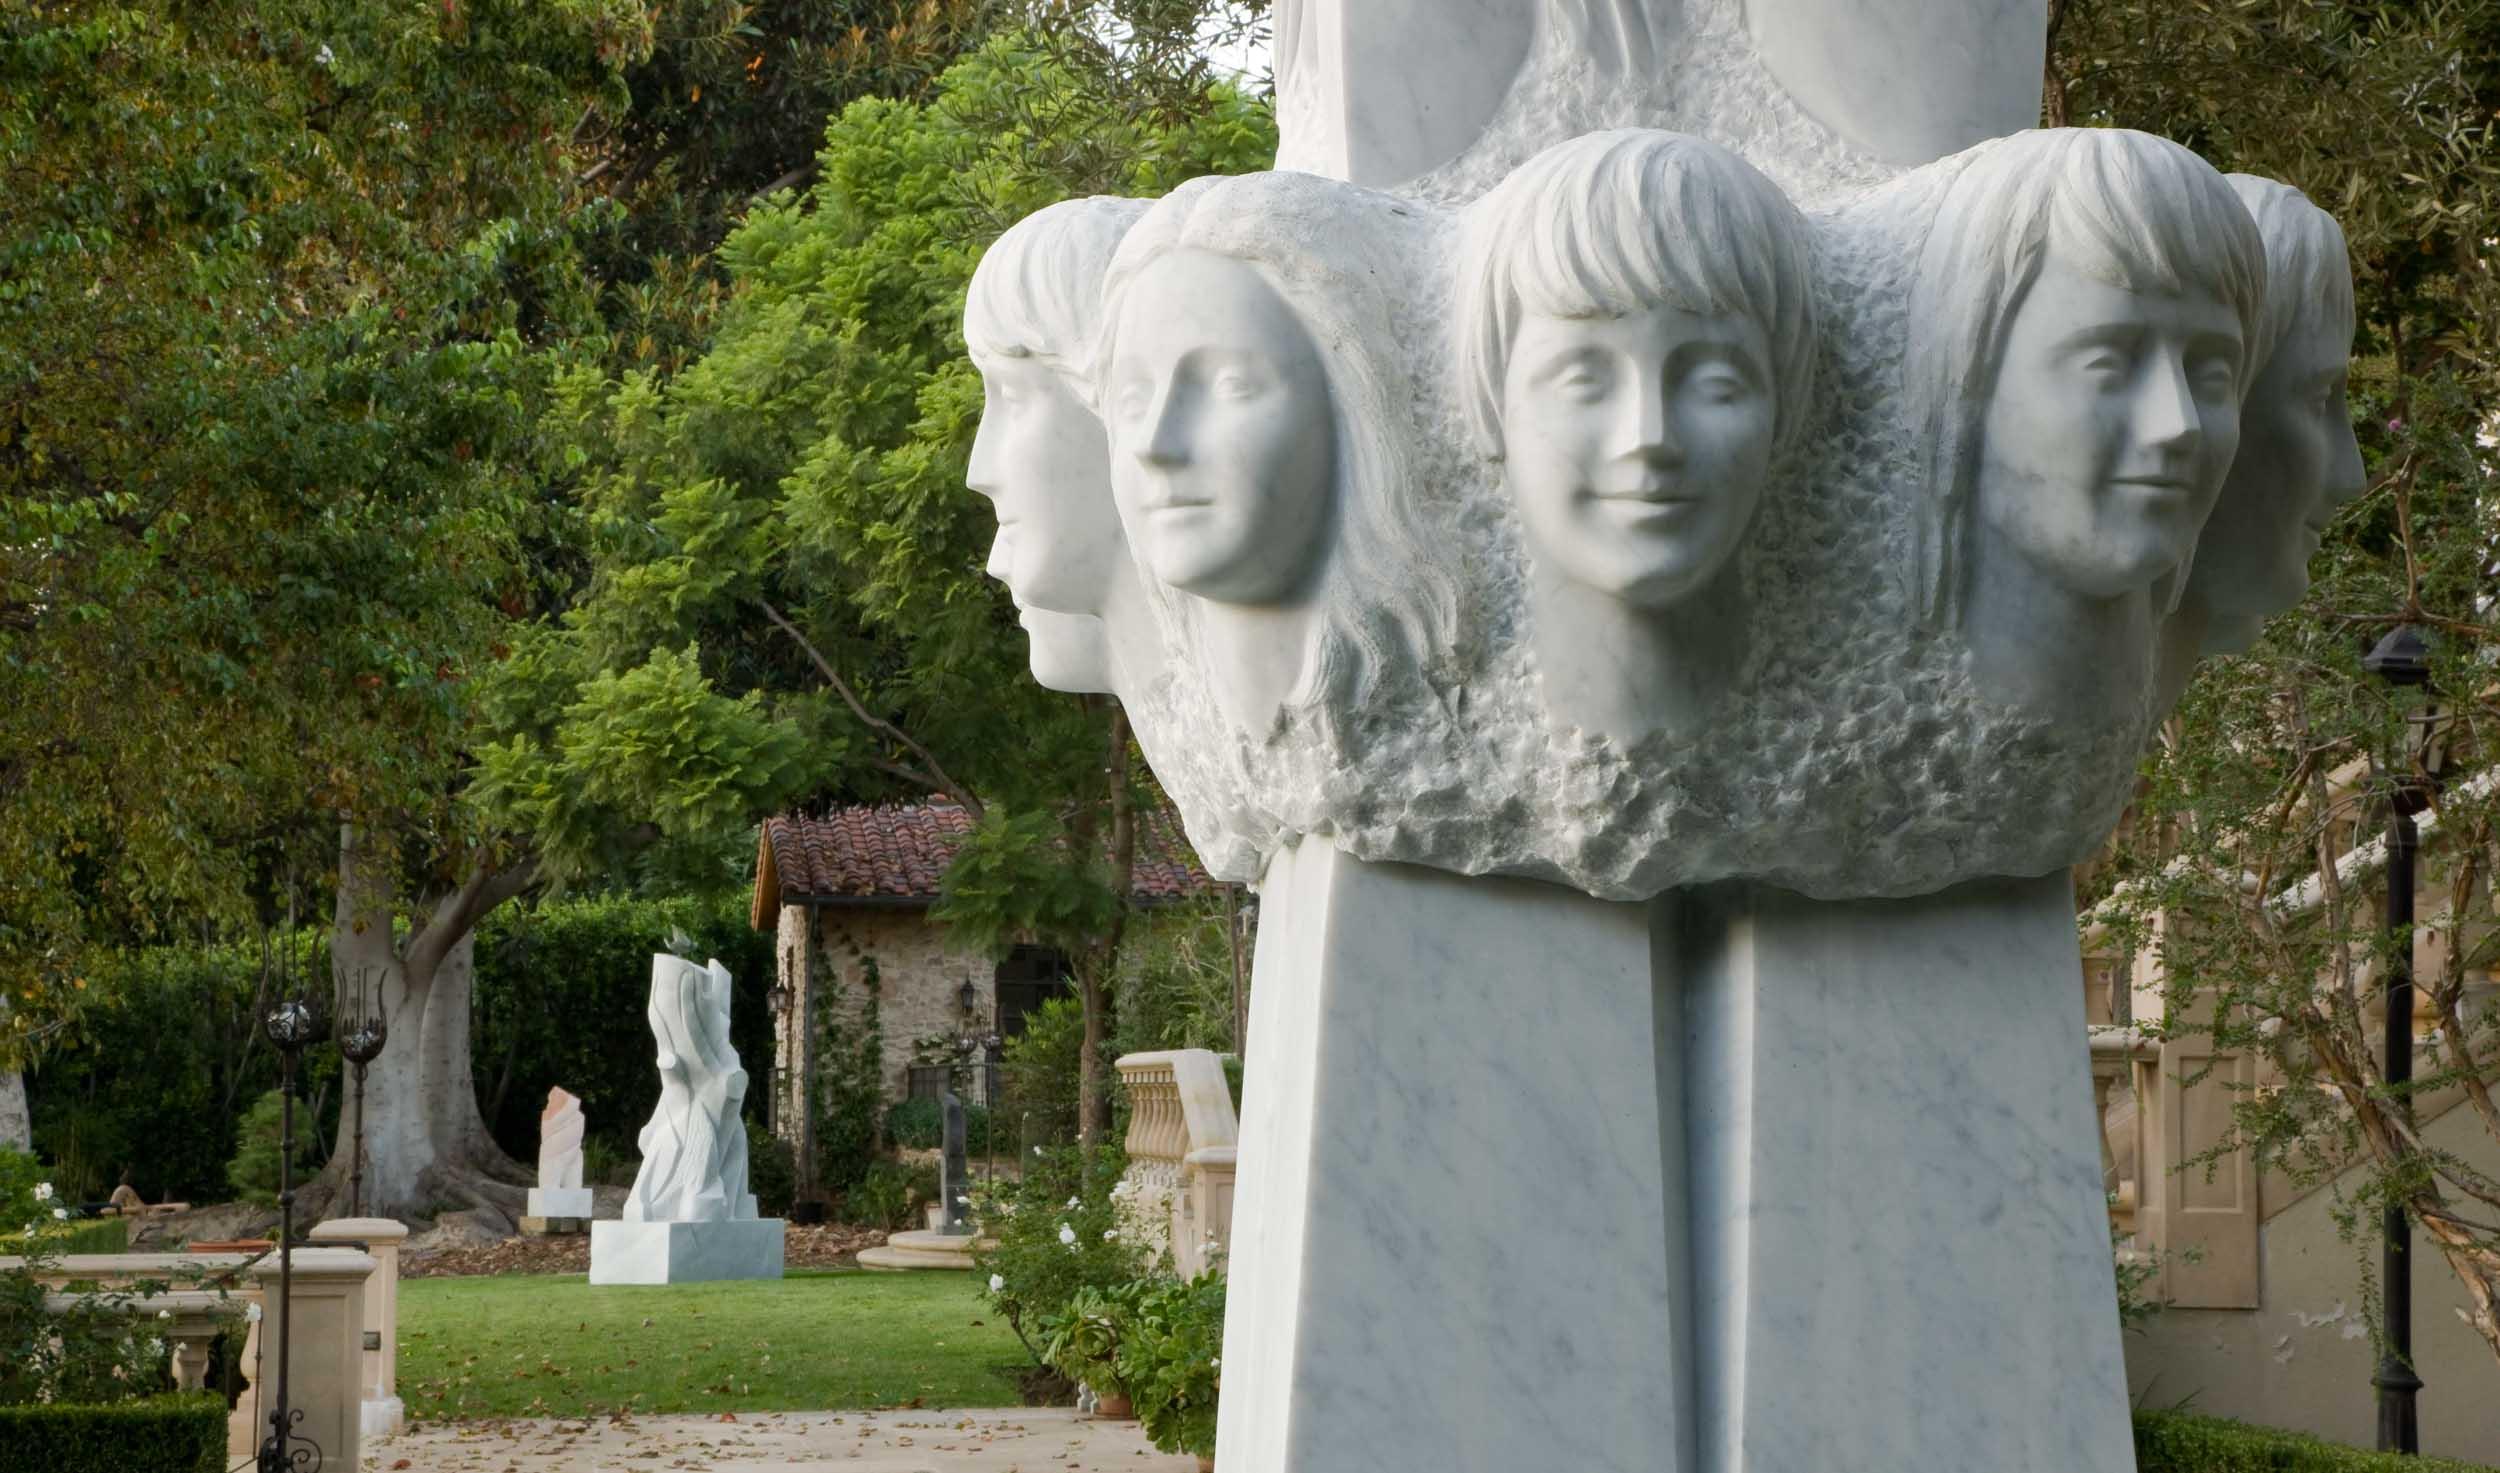 Sorarya-Nazarian-Sculpture-4.jpg